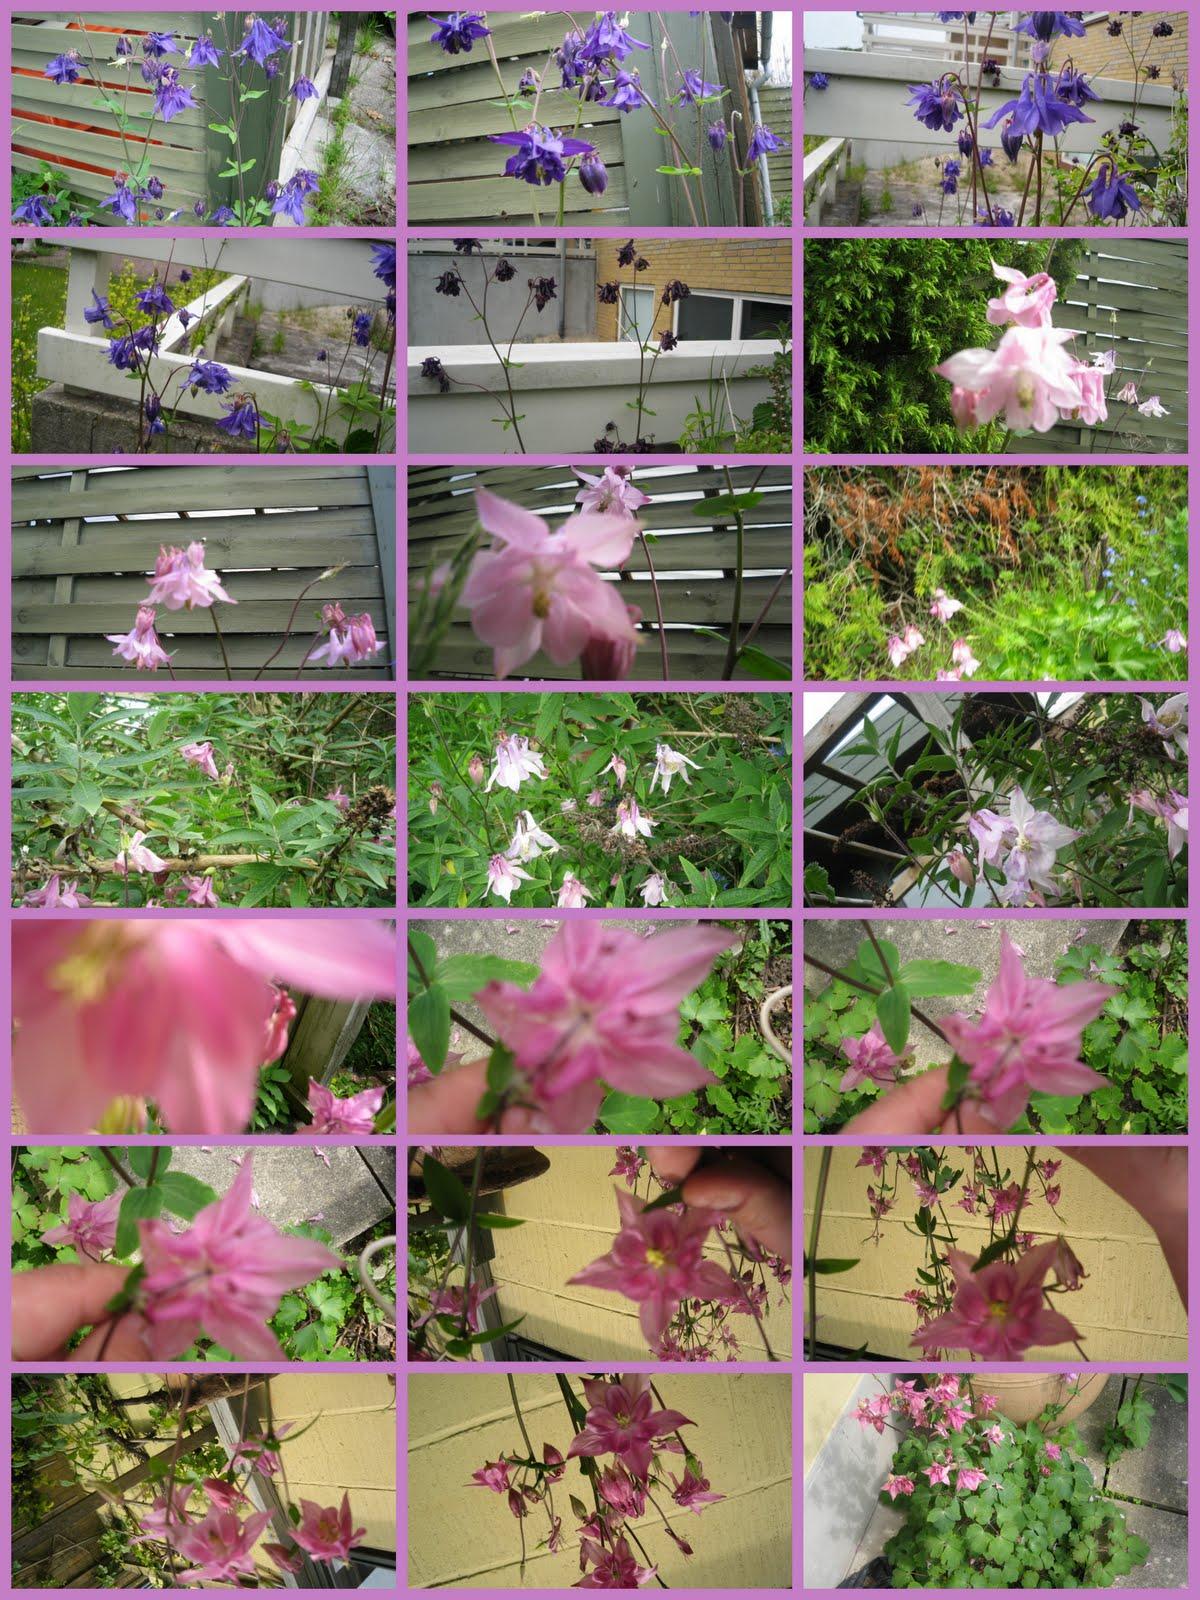 Blomster billeder fra aksels have juni 20102